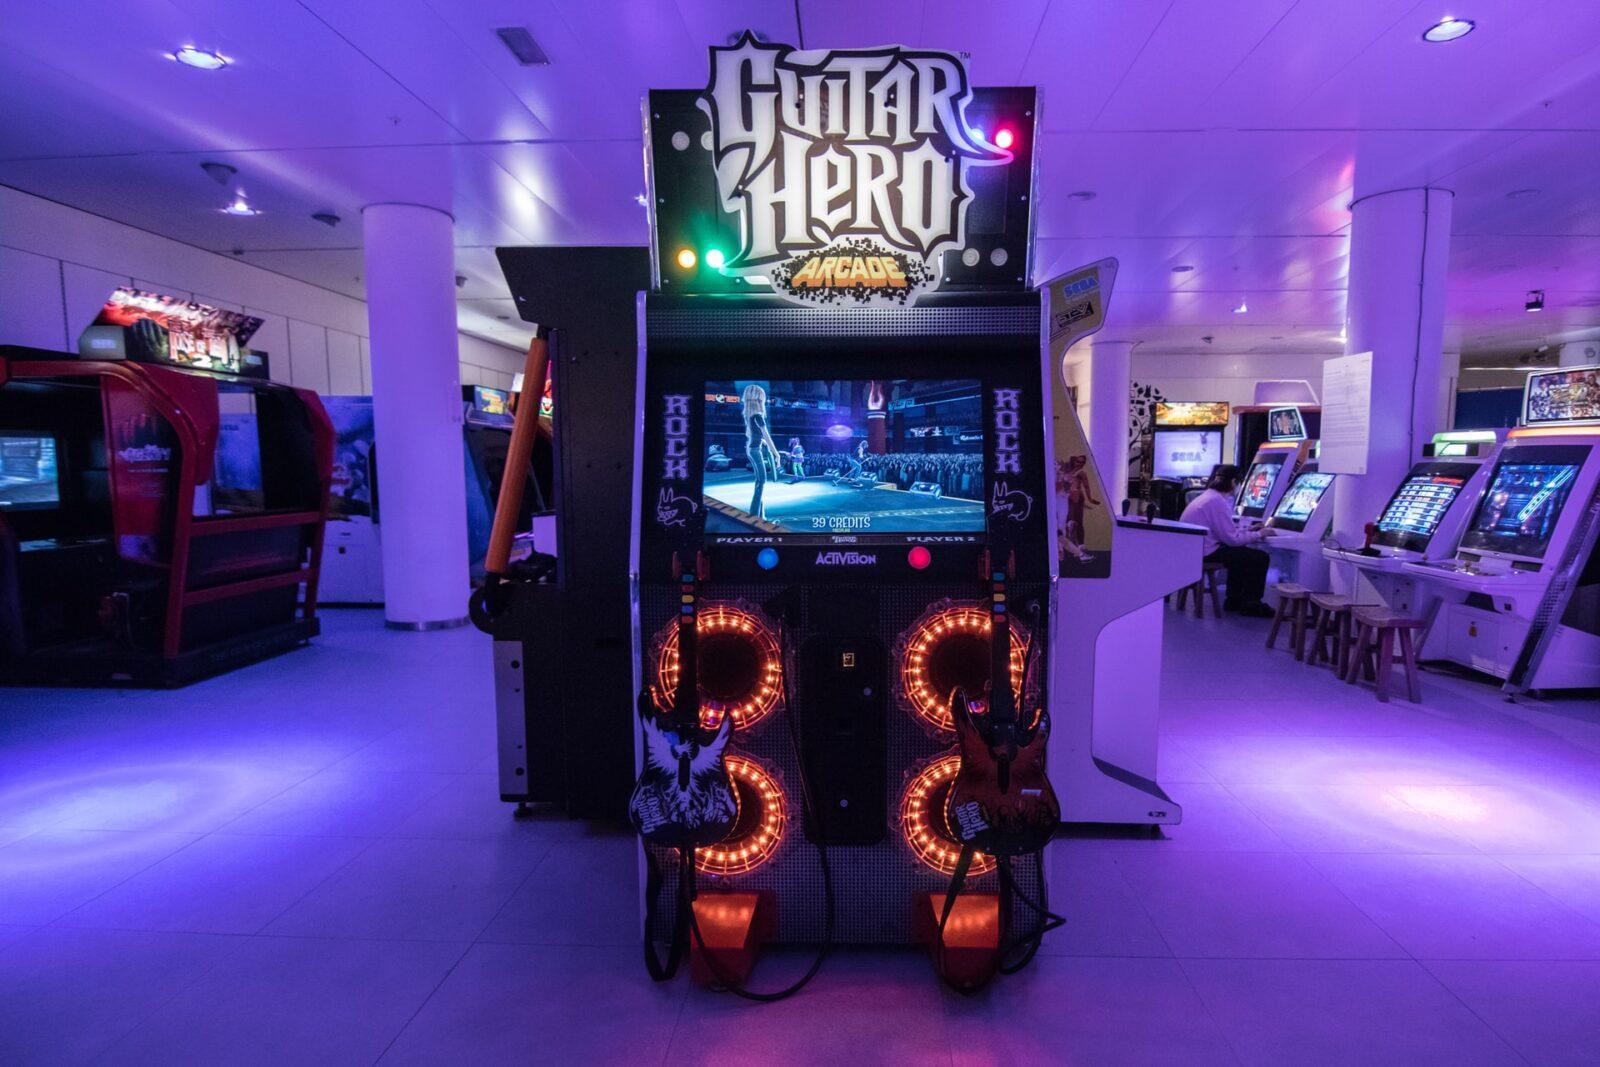 Gry muzyczne - Guitar Hero